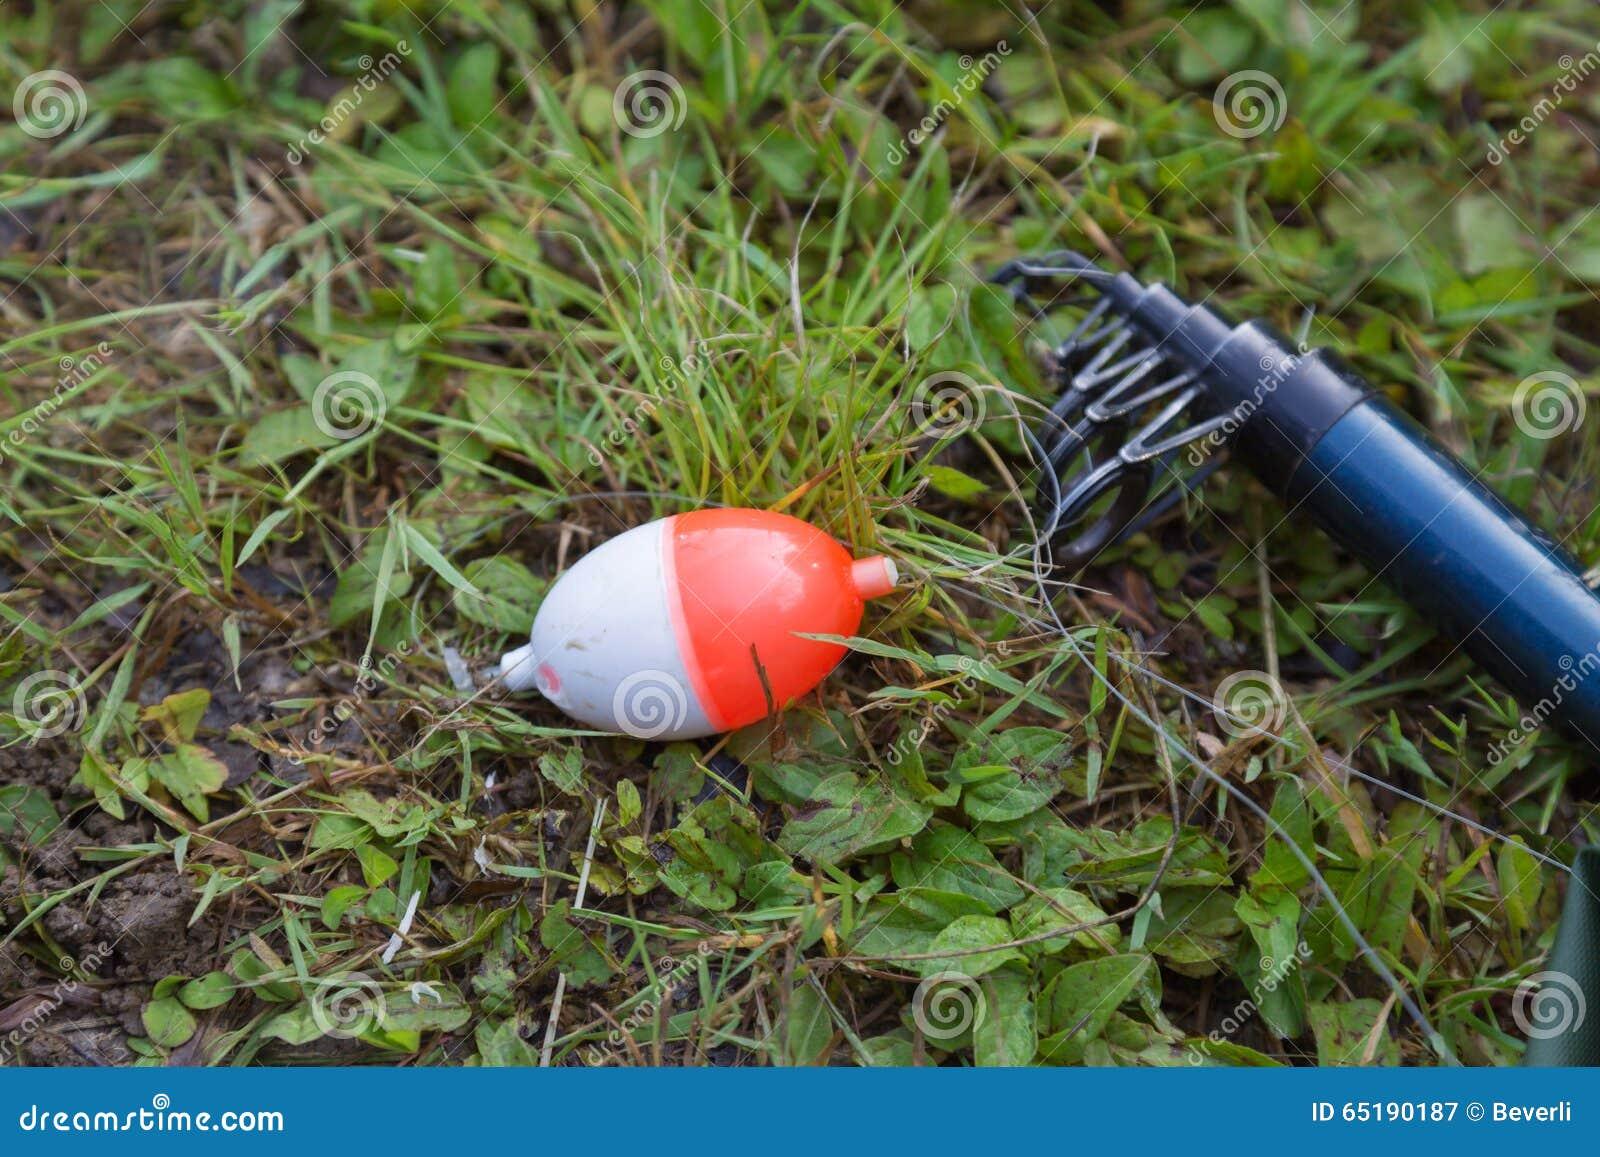 Acheter la sonde acoustique pour la pêche lowrance hook